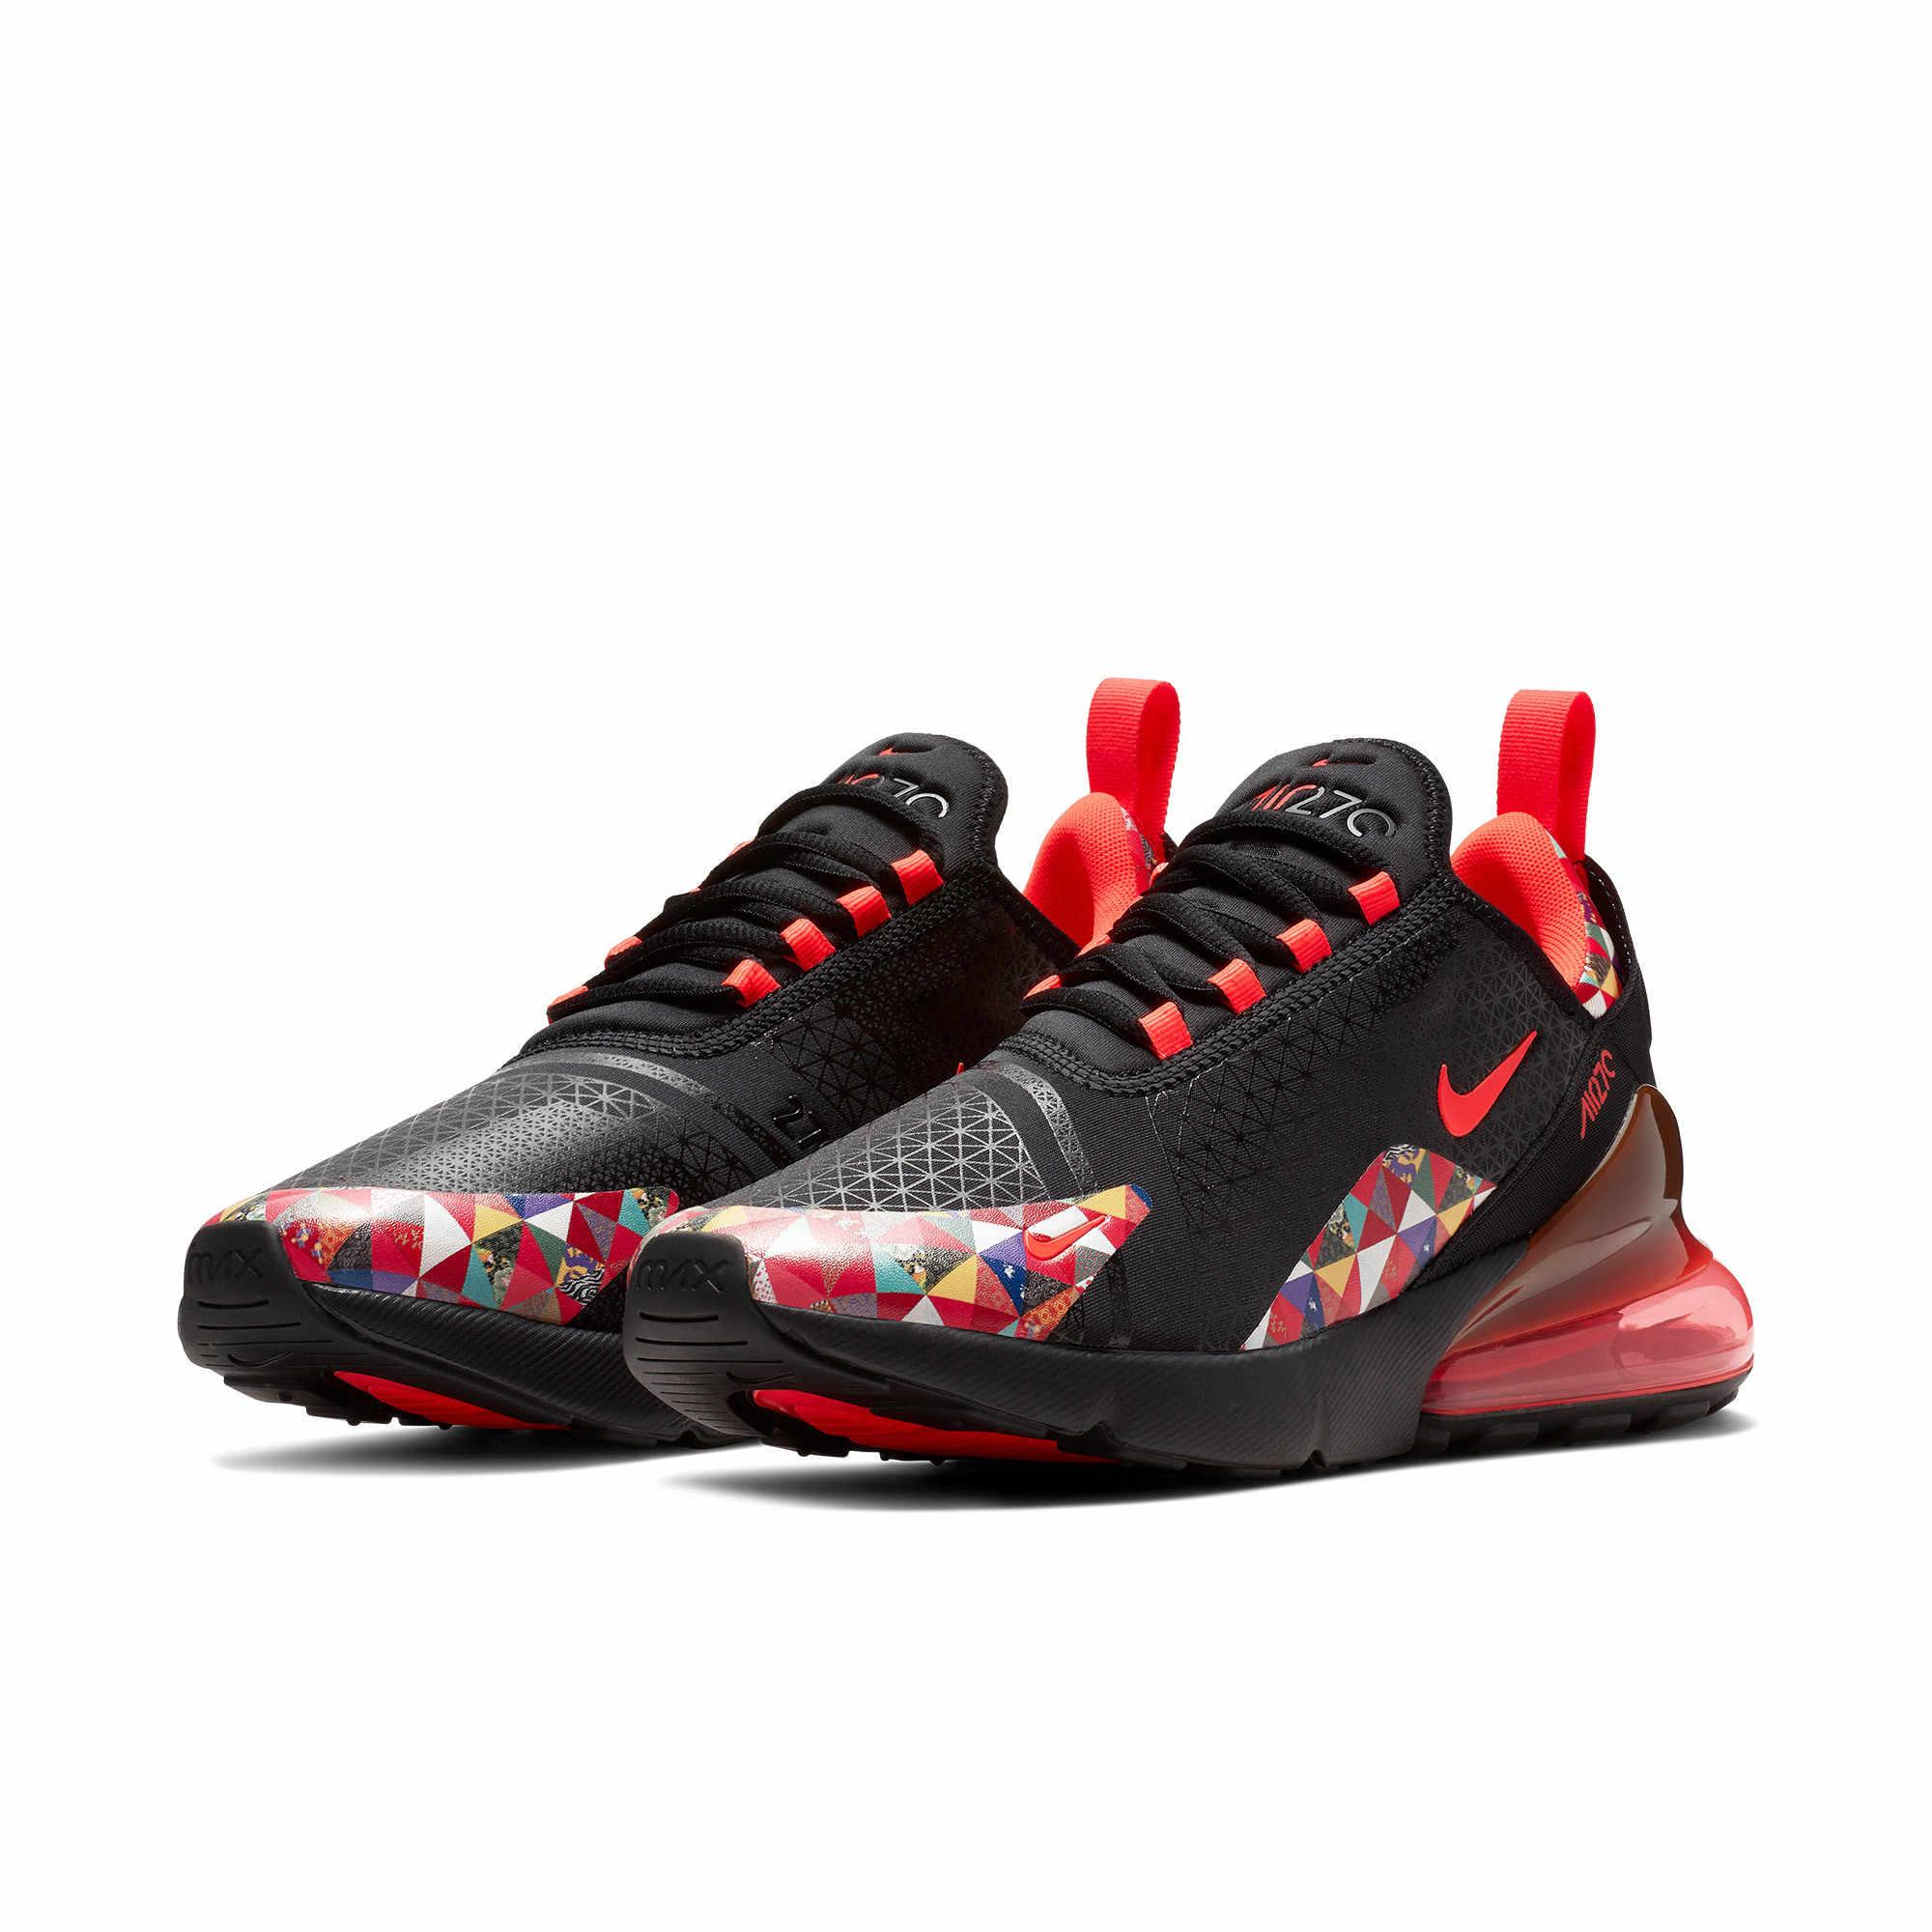 Nike официальный Air Max 270 Новое поступление мужские кроссовки удобные уличные дышащие нескользящие спортивные кроссовки # BV6650